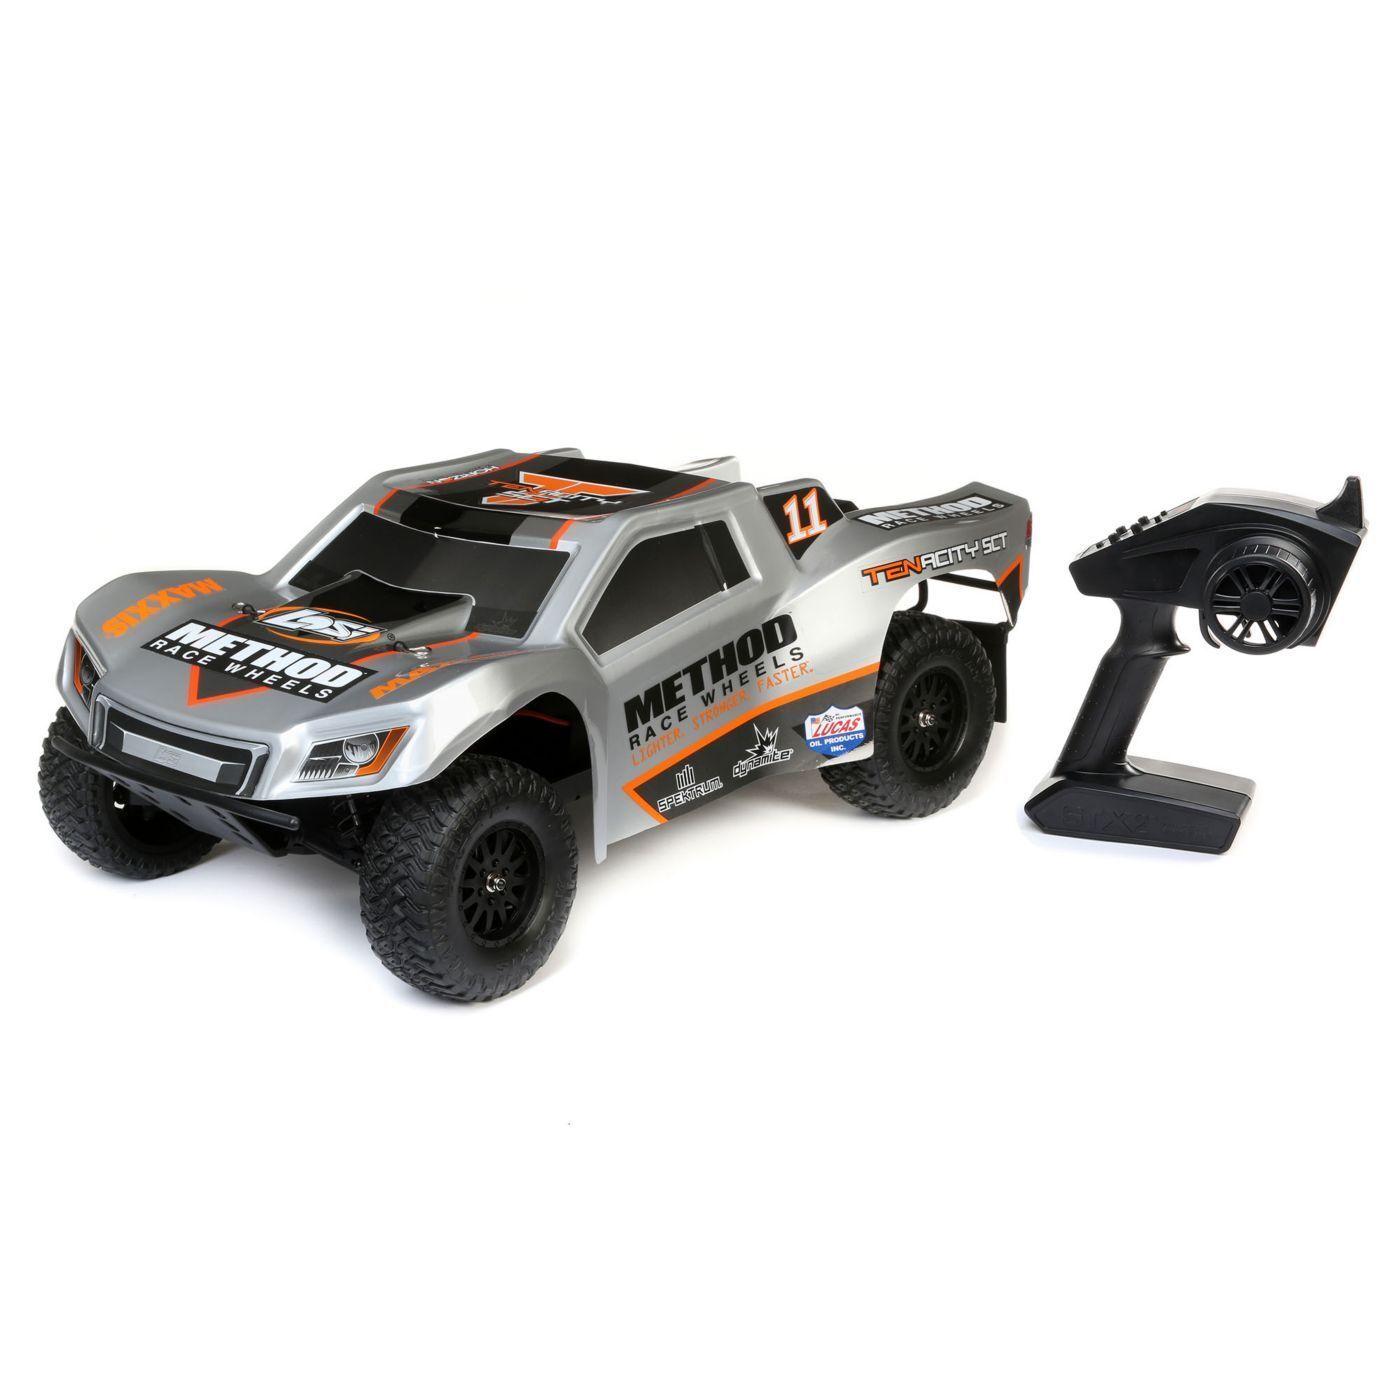 Tenacidad Losi de LOS03024T1 1 10 RTR 4WD corto Curso Camión (método)